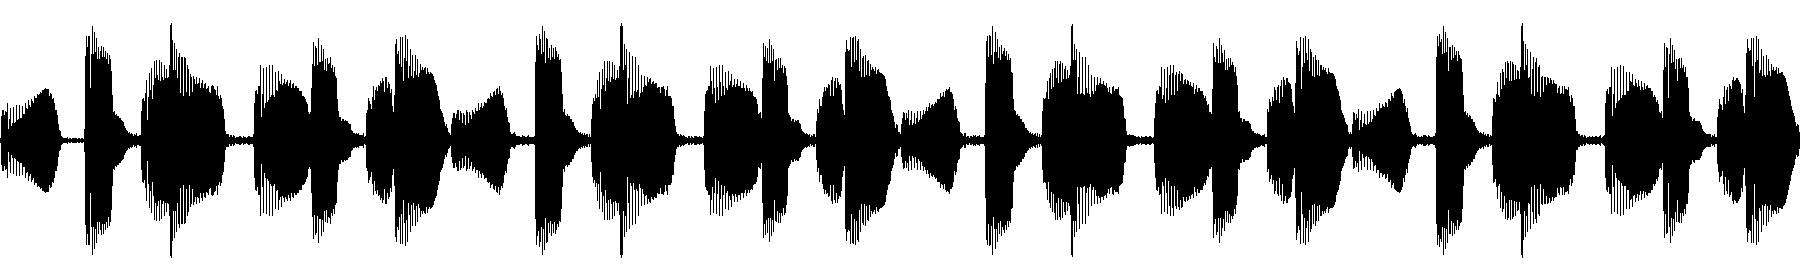 pth bass 20